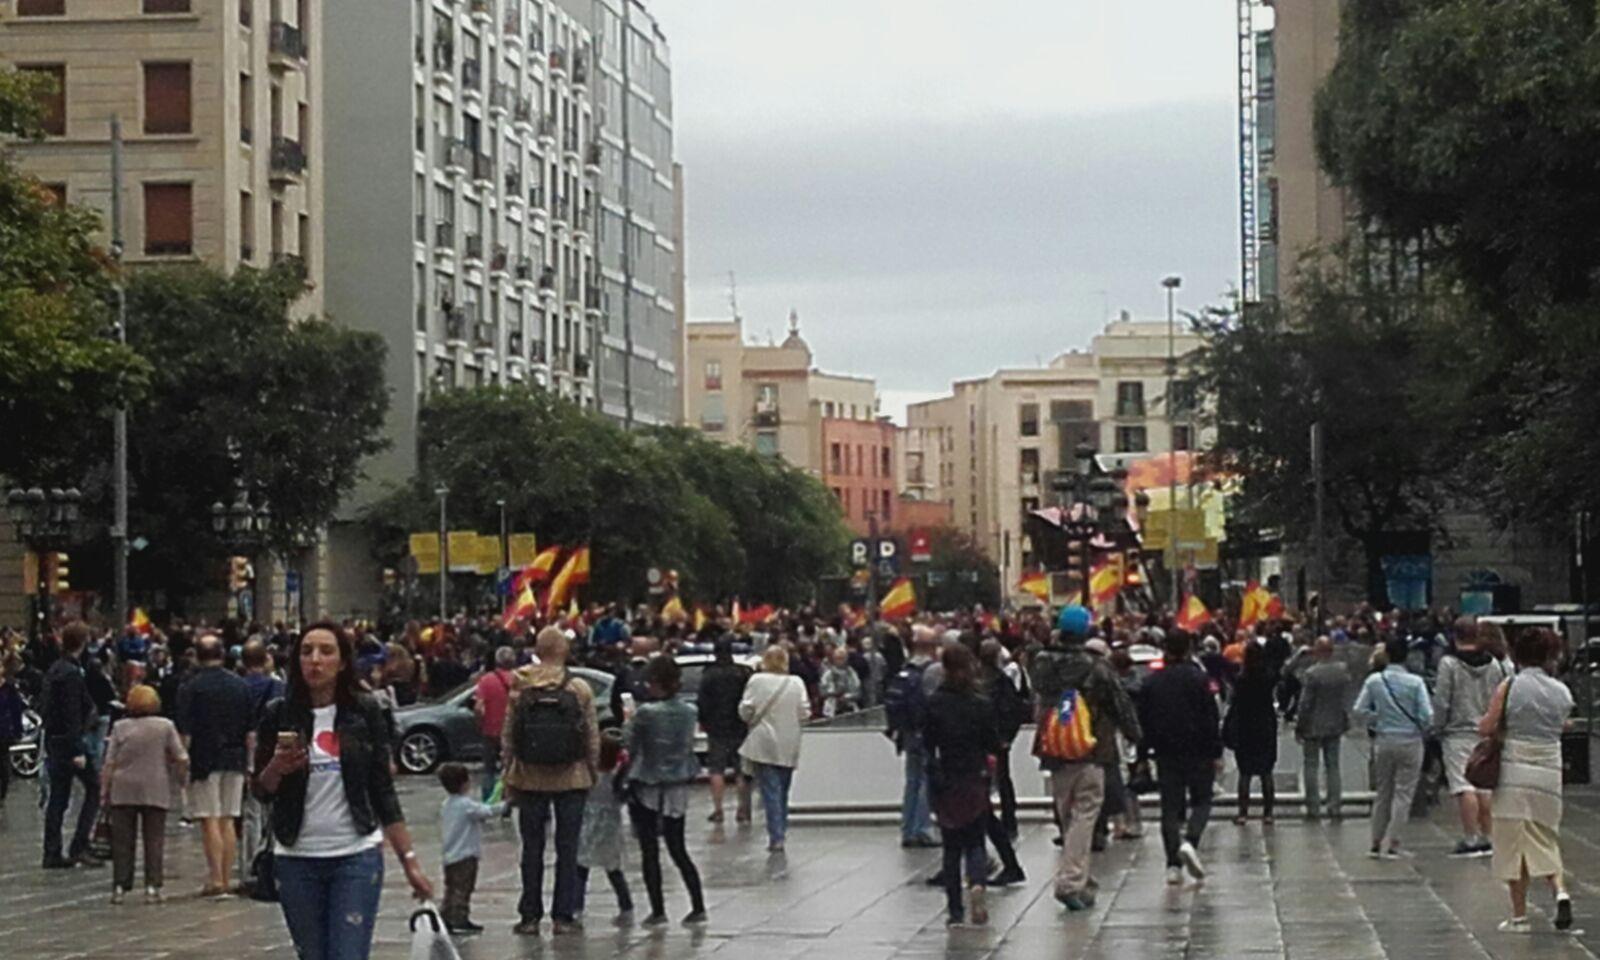 Per il referendum per l'indipendenza della Catalogna dalla Spagna non era previsto un quorum, ma intanto è emerso che oltre la metà dei catalani ha votato. Una soglia psicologica importante,dopo una giornata stata segnata dagli scontri tra i cittadini, molti dei quali con il garofano simbolo dell'indipendentismo, e la Guardia Civil. Il sindaco di Barcellona, Ana Colau,ha affermato che in Catalogna ci sono «più di 460 feriti per le cariche della polizia». Perchè la Catalogna chiede l'indipendenza «Vuoi che la Catalogna diventi uno Stato indipendente in forma di Repubblica?»: recita così il Referendum in Catalogna che rischia di creare un